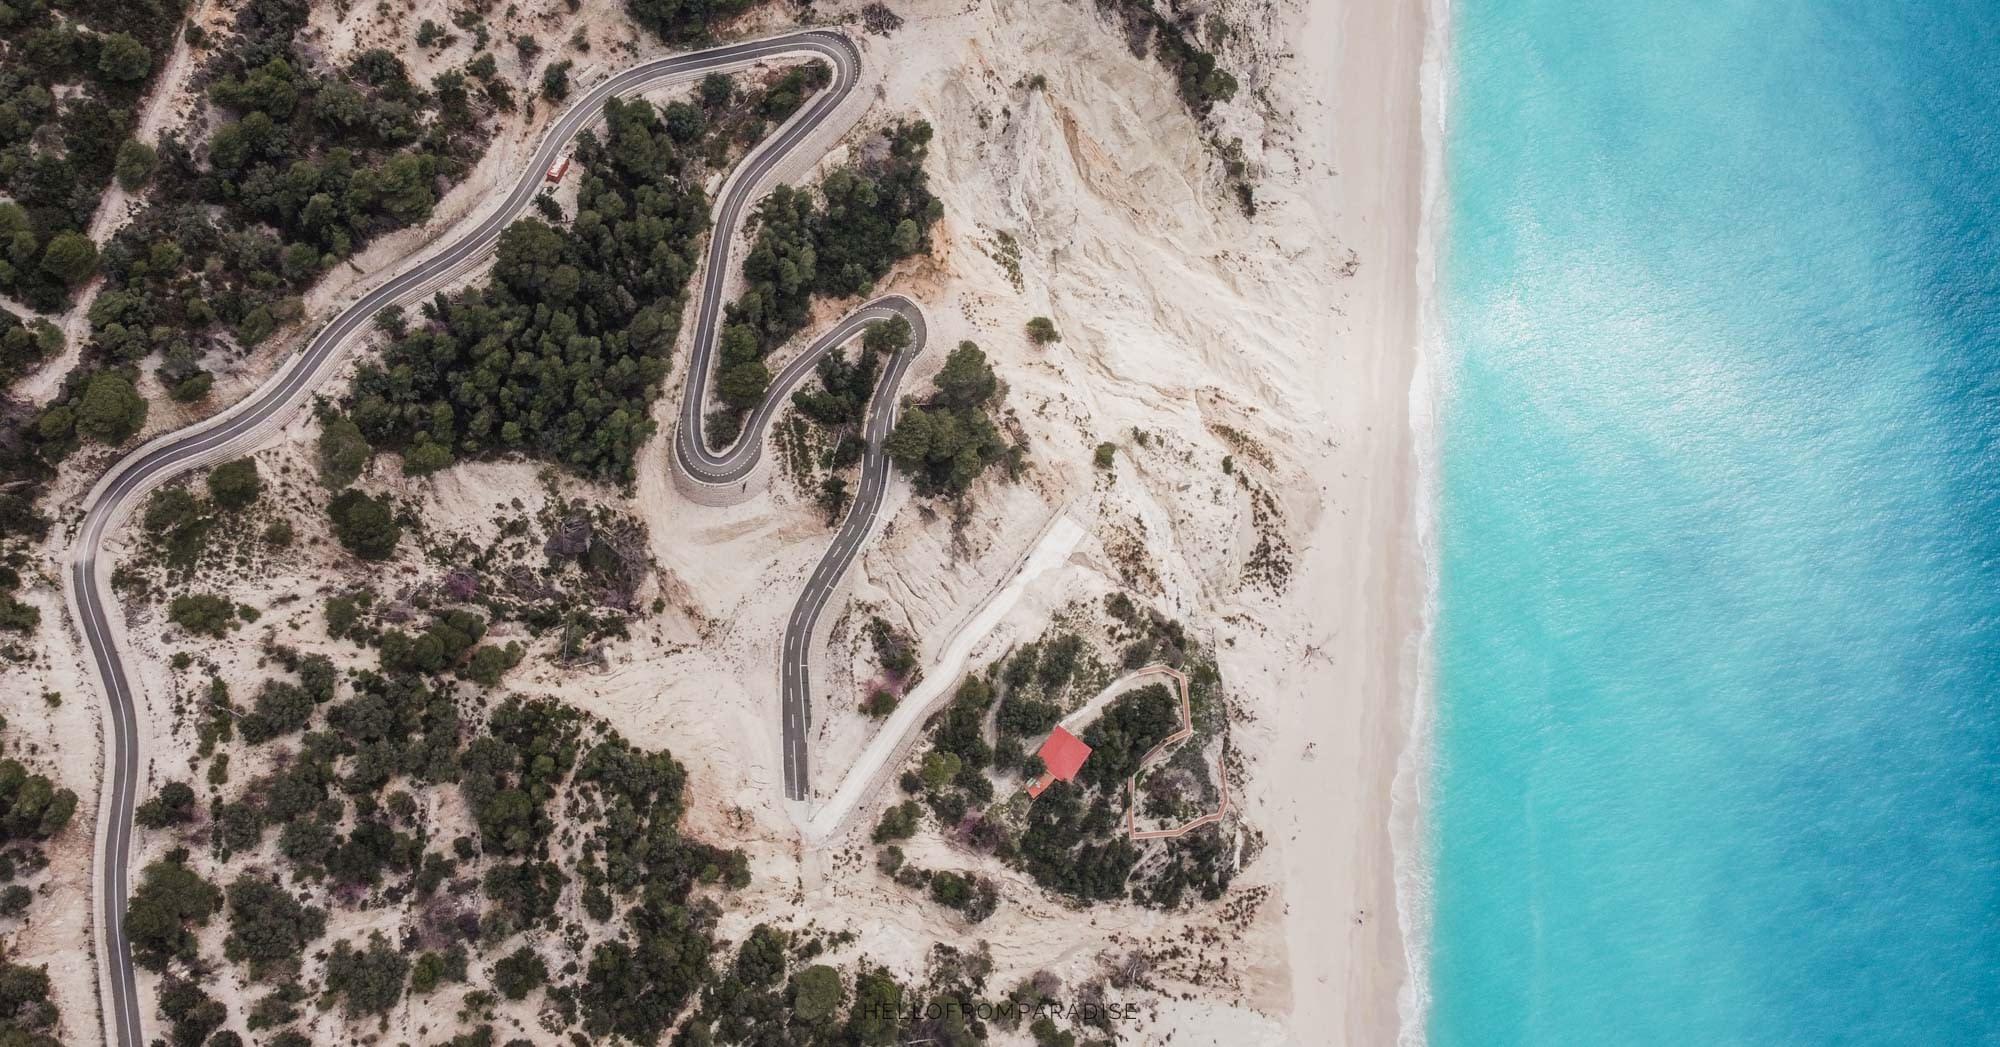 egremni-beach-lekfada-new-stairs-access-2021